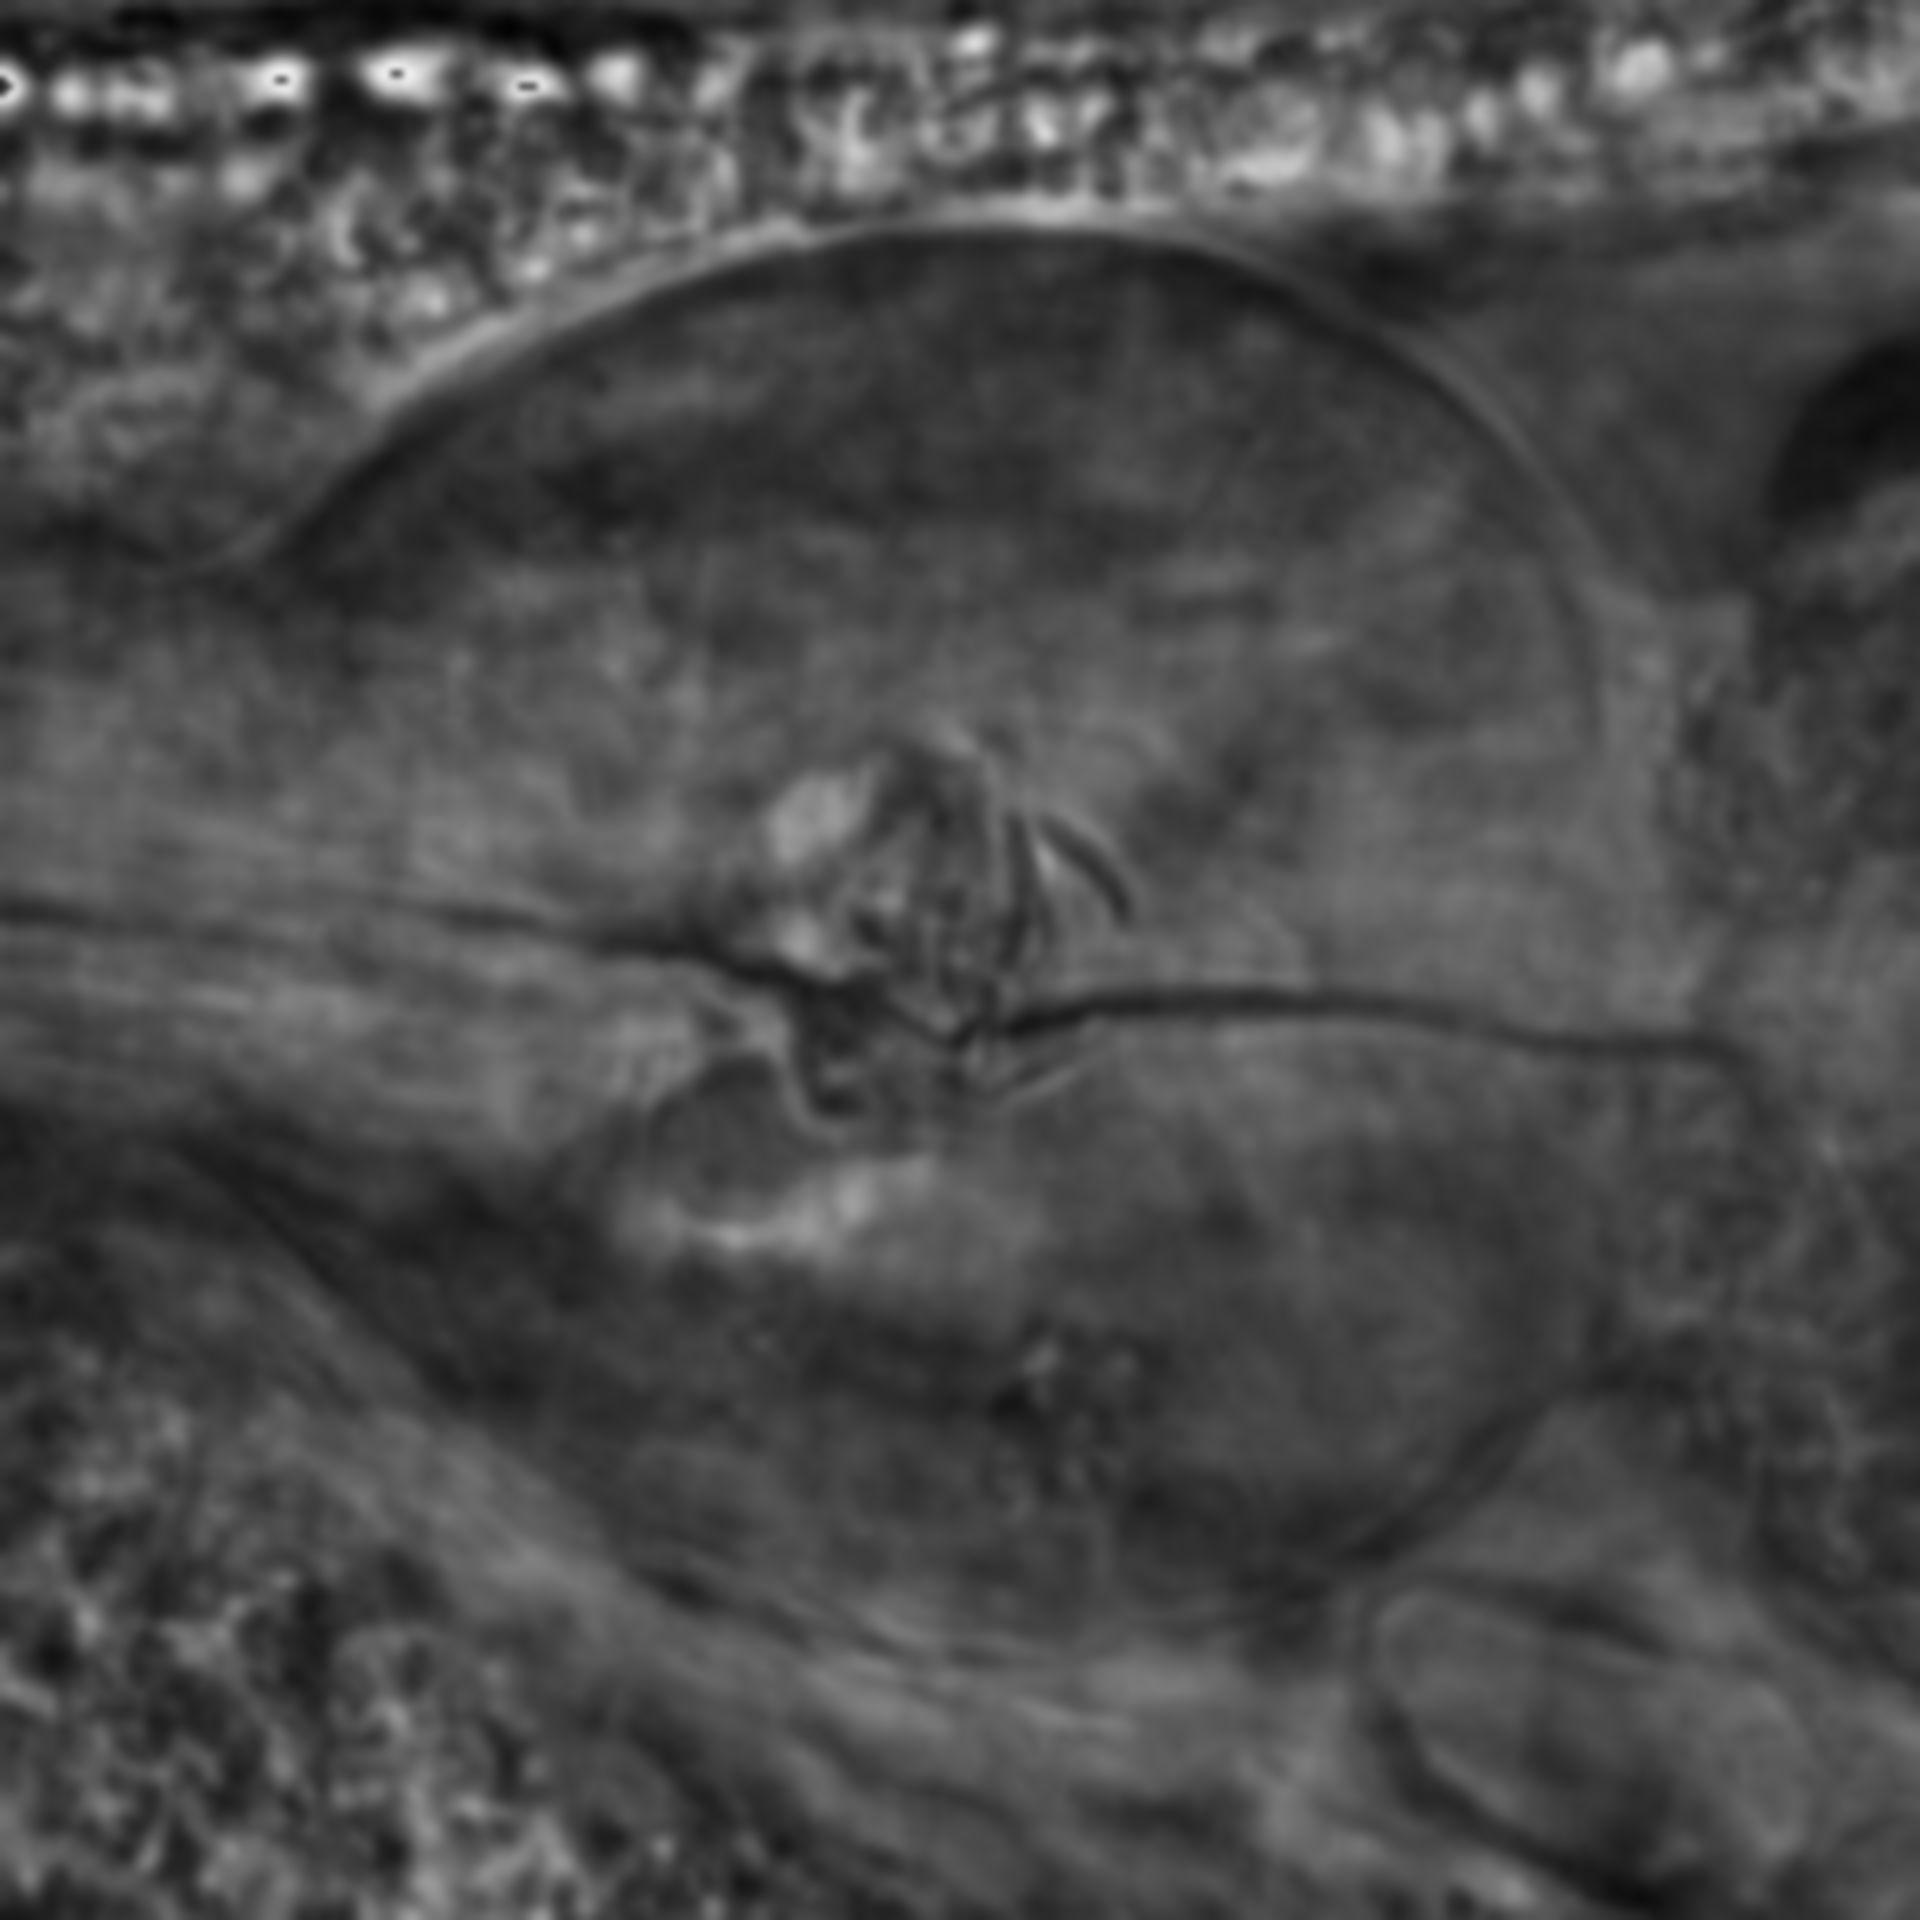 Caenorhabditis elegans - CIL:2260